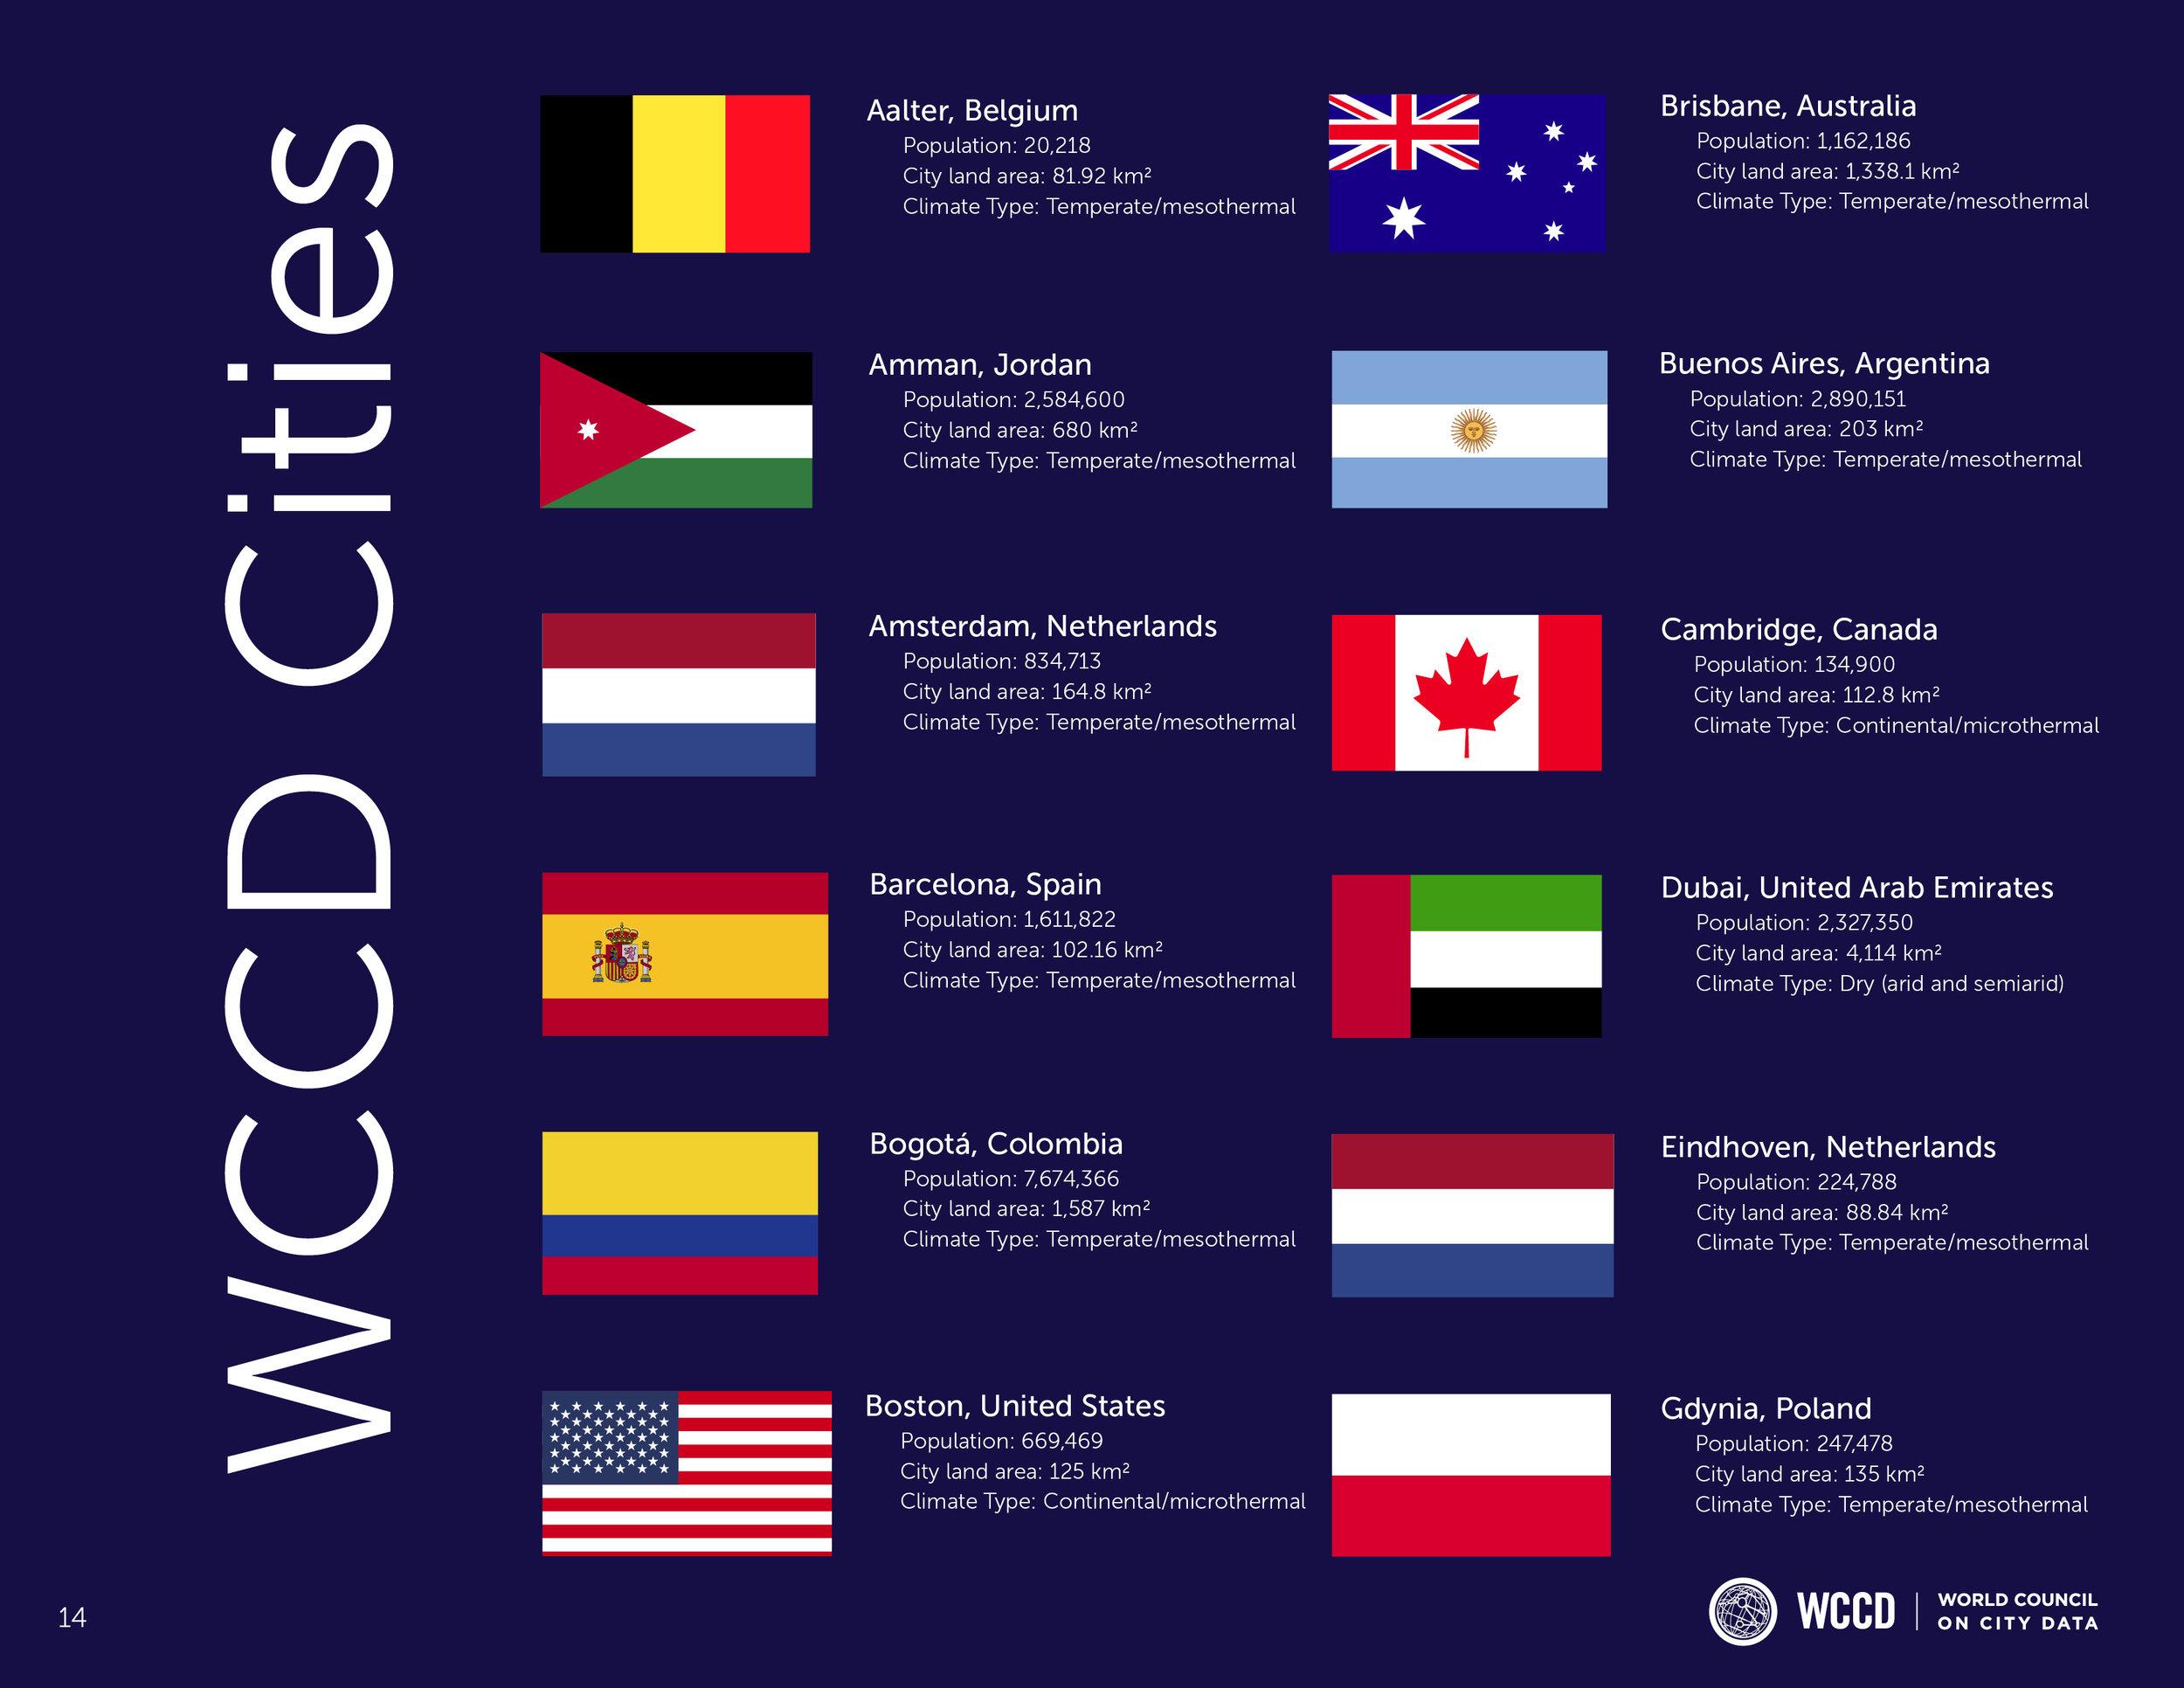 WCCD_SDG 2017 14.jpg